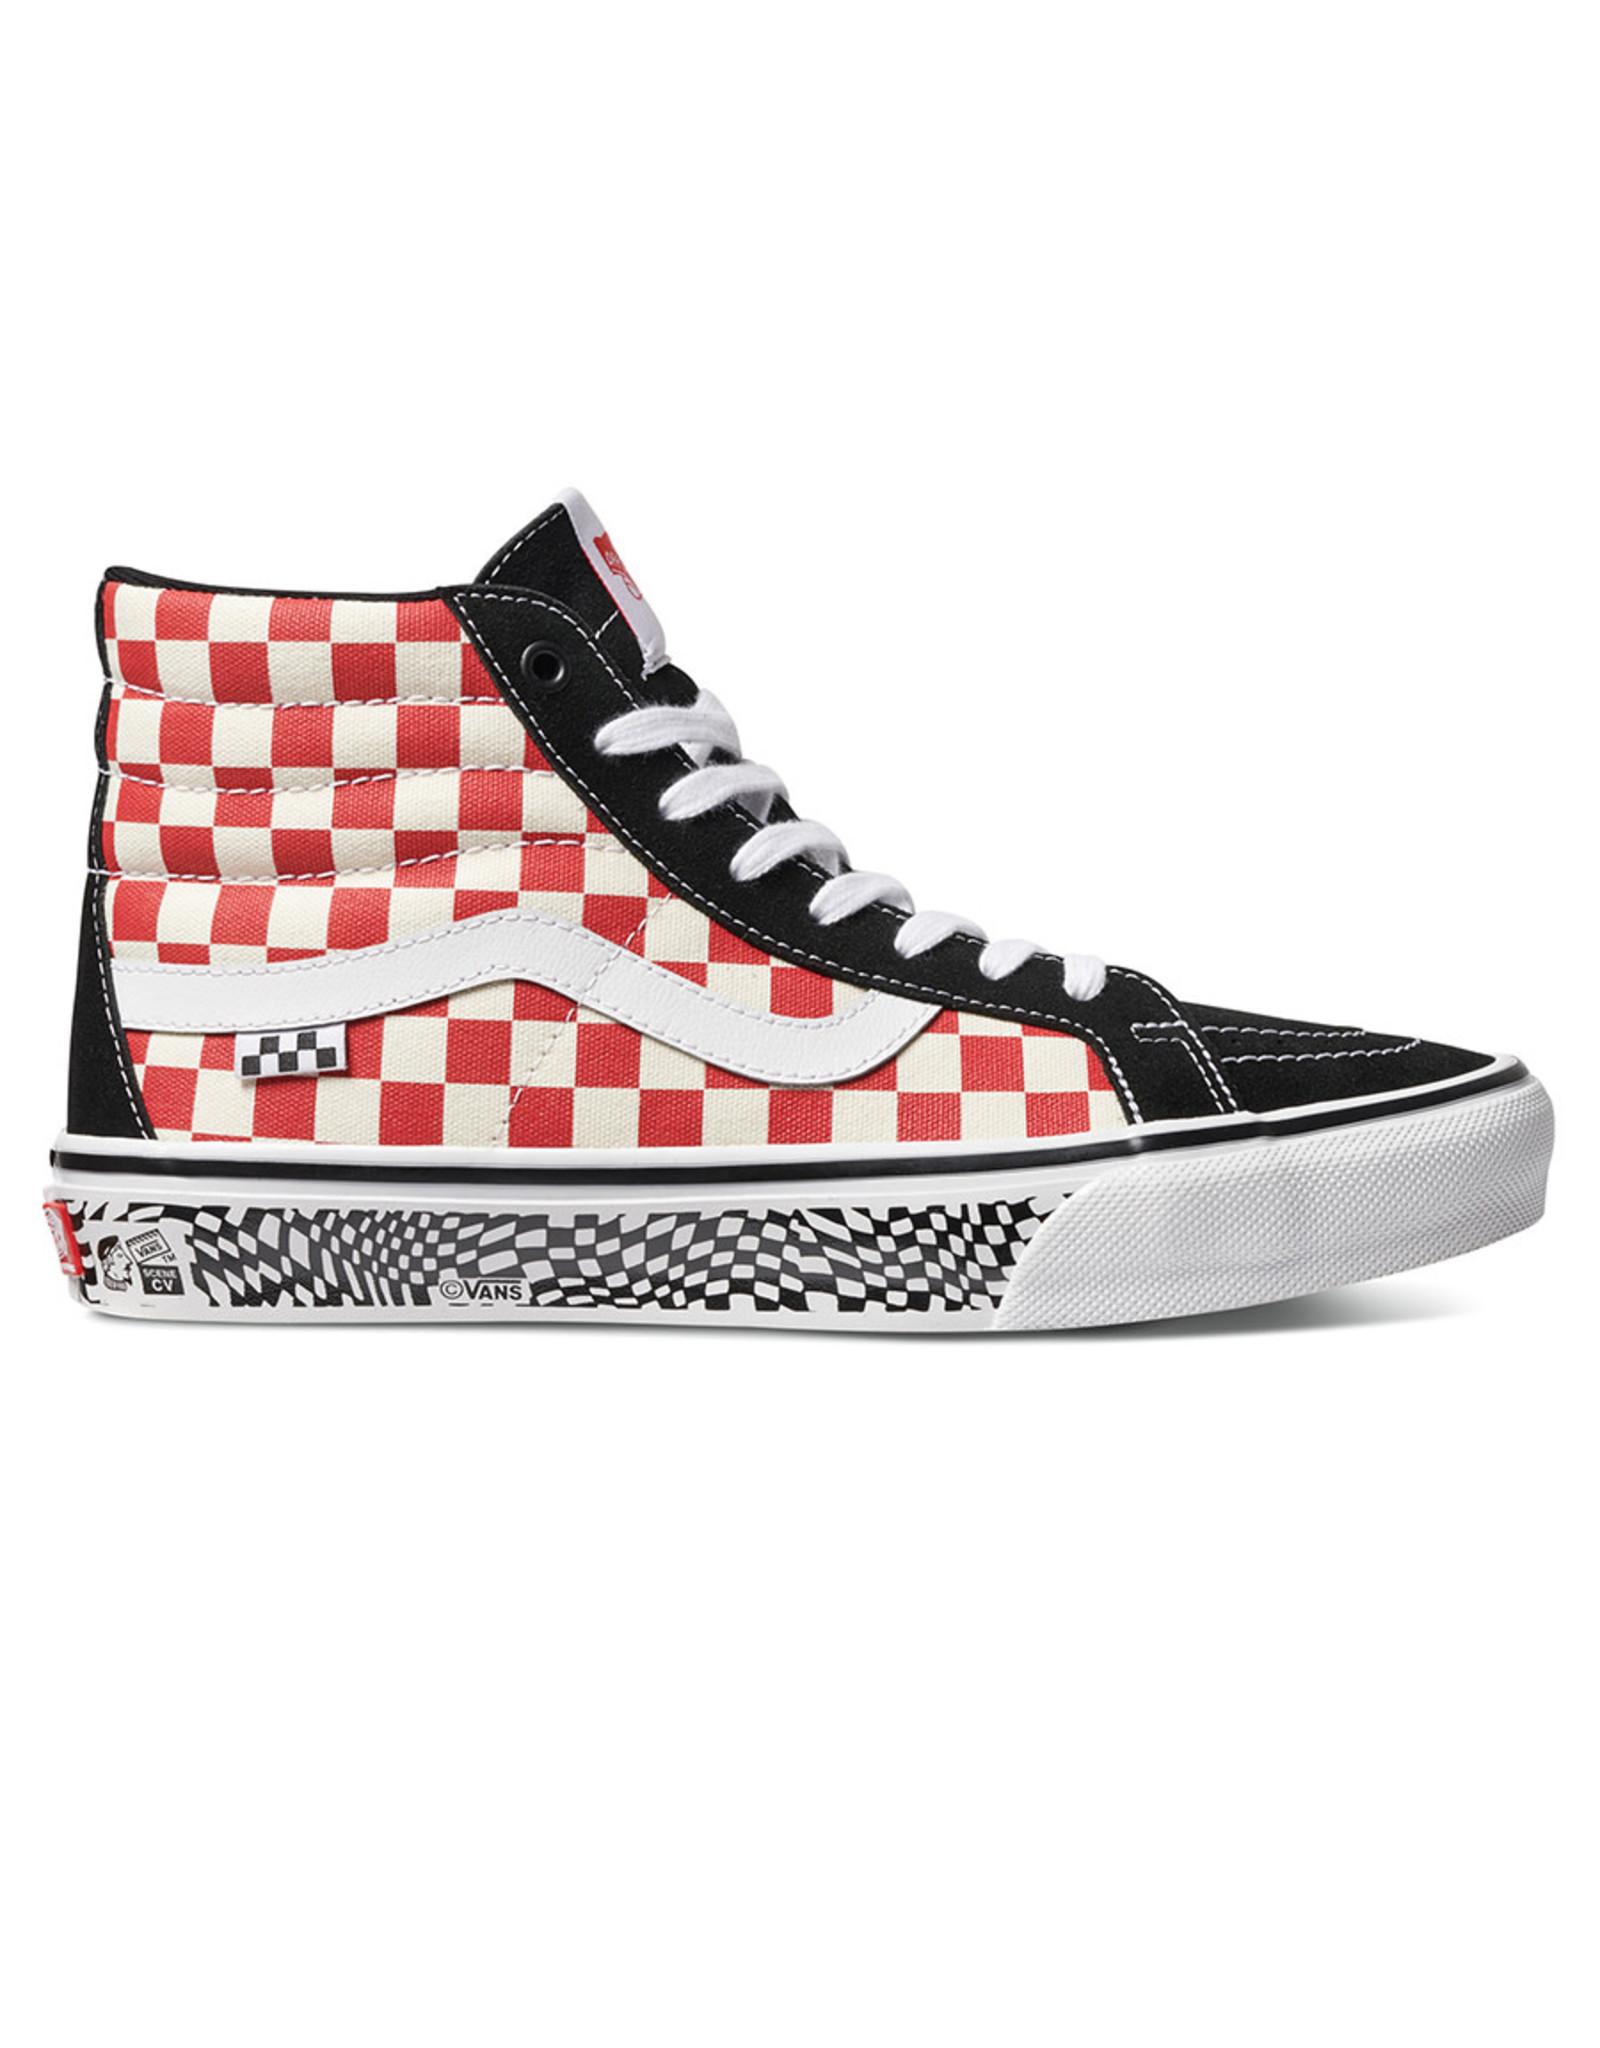 Vans Vans Shoe Skate Sk8-Hi Reissue Grosso '84 (Black/Red Checker)